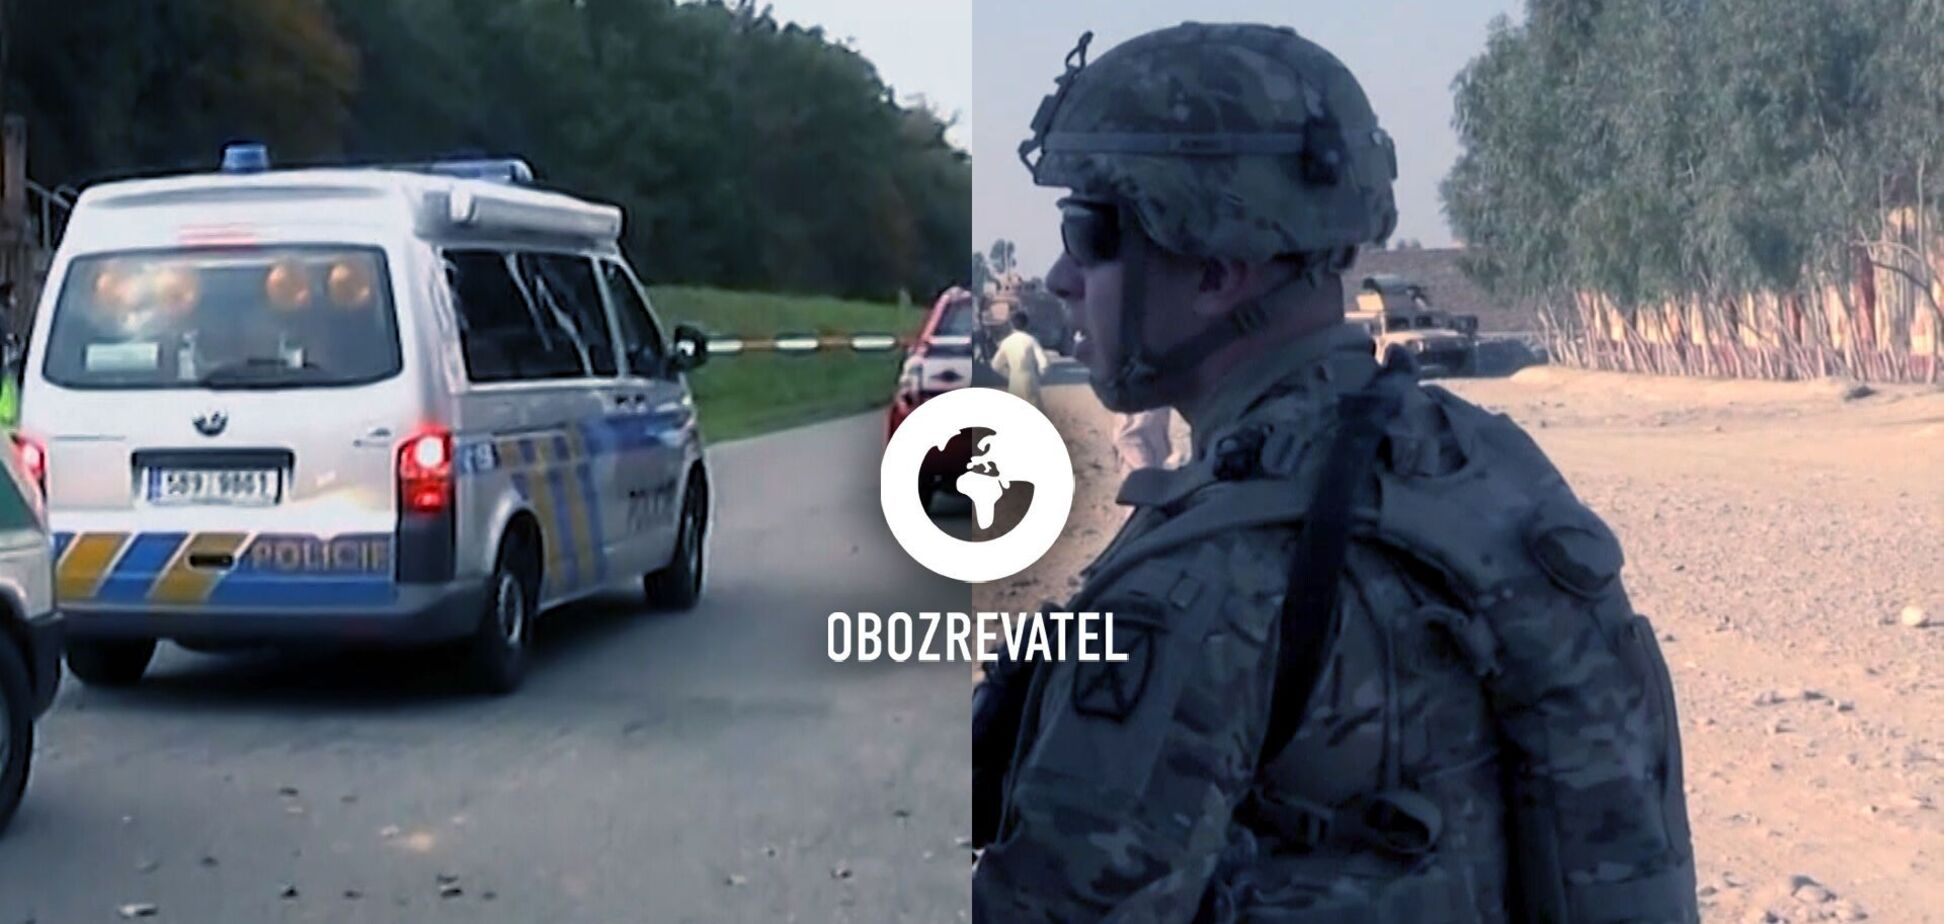 Видворення чеських дипломатів з РФ і виведення американського війська з Афганістану – дайджест міжнародних подій